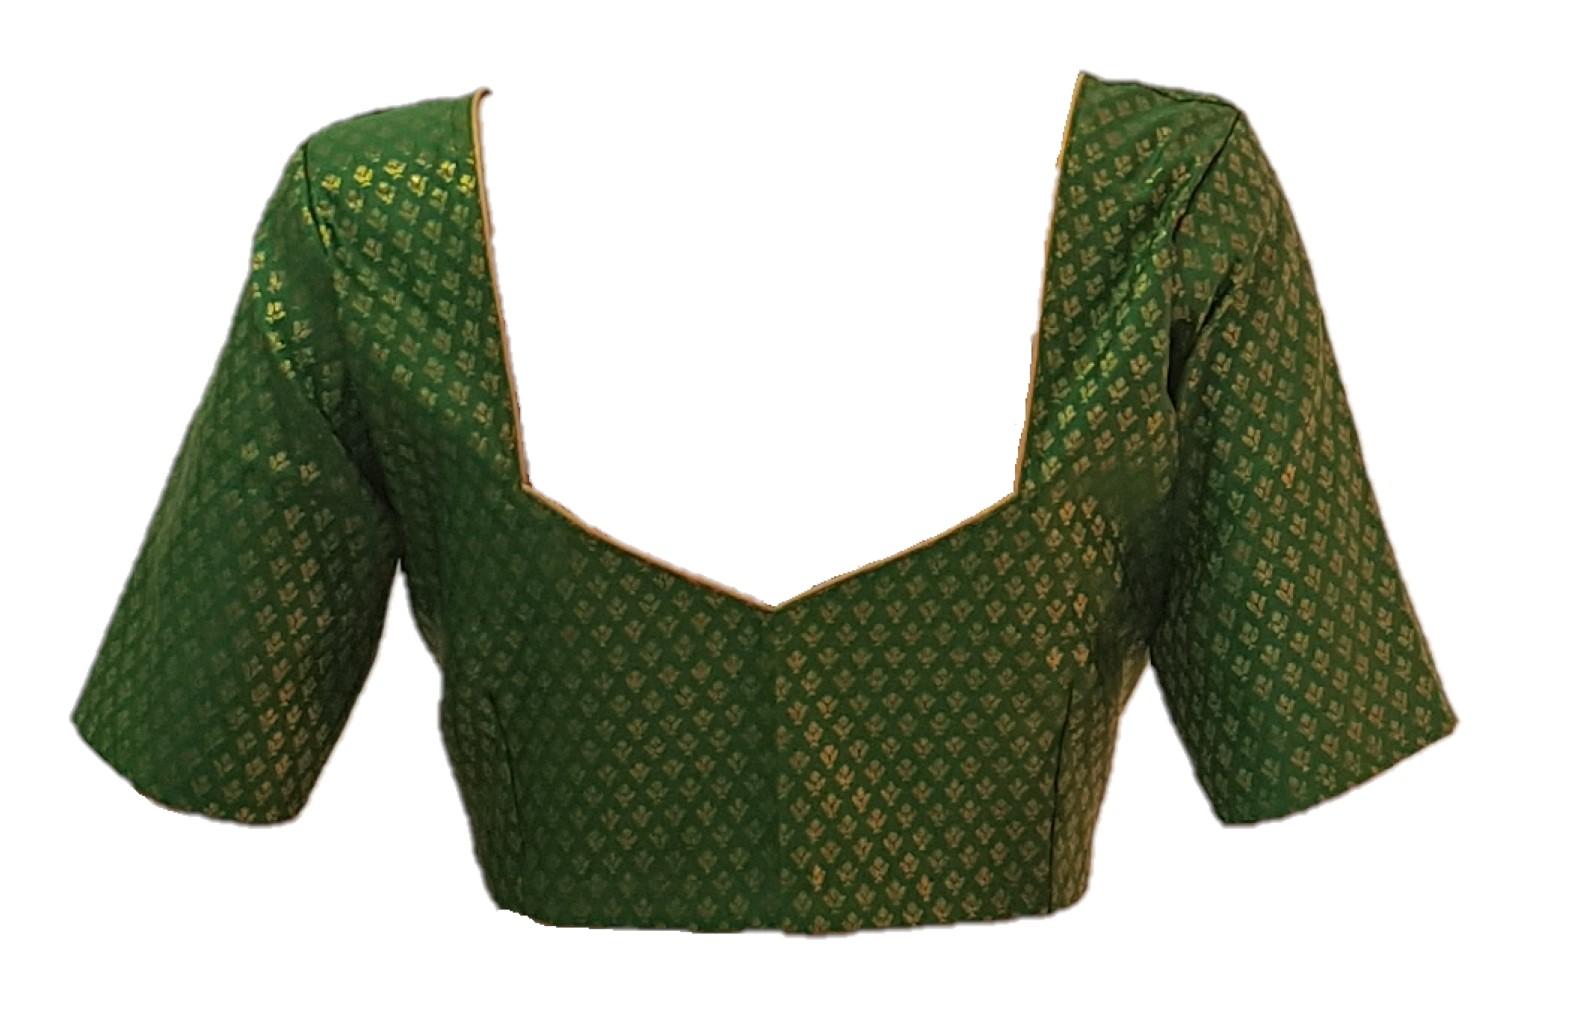 Art Silk Fabric Jari Work Readymade Saree Blouse Parrot Green Size Medium : Picture